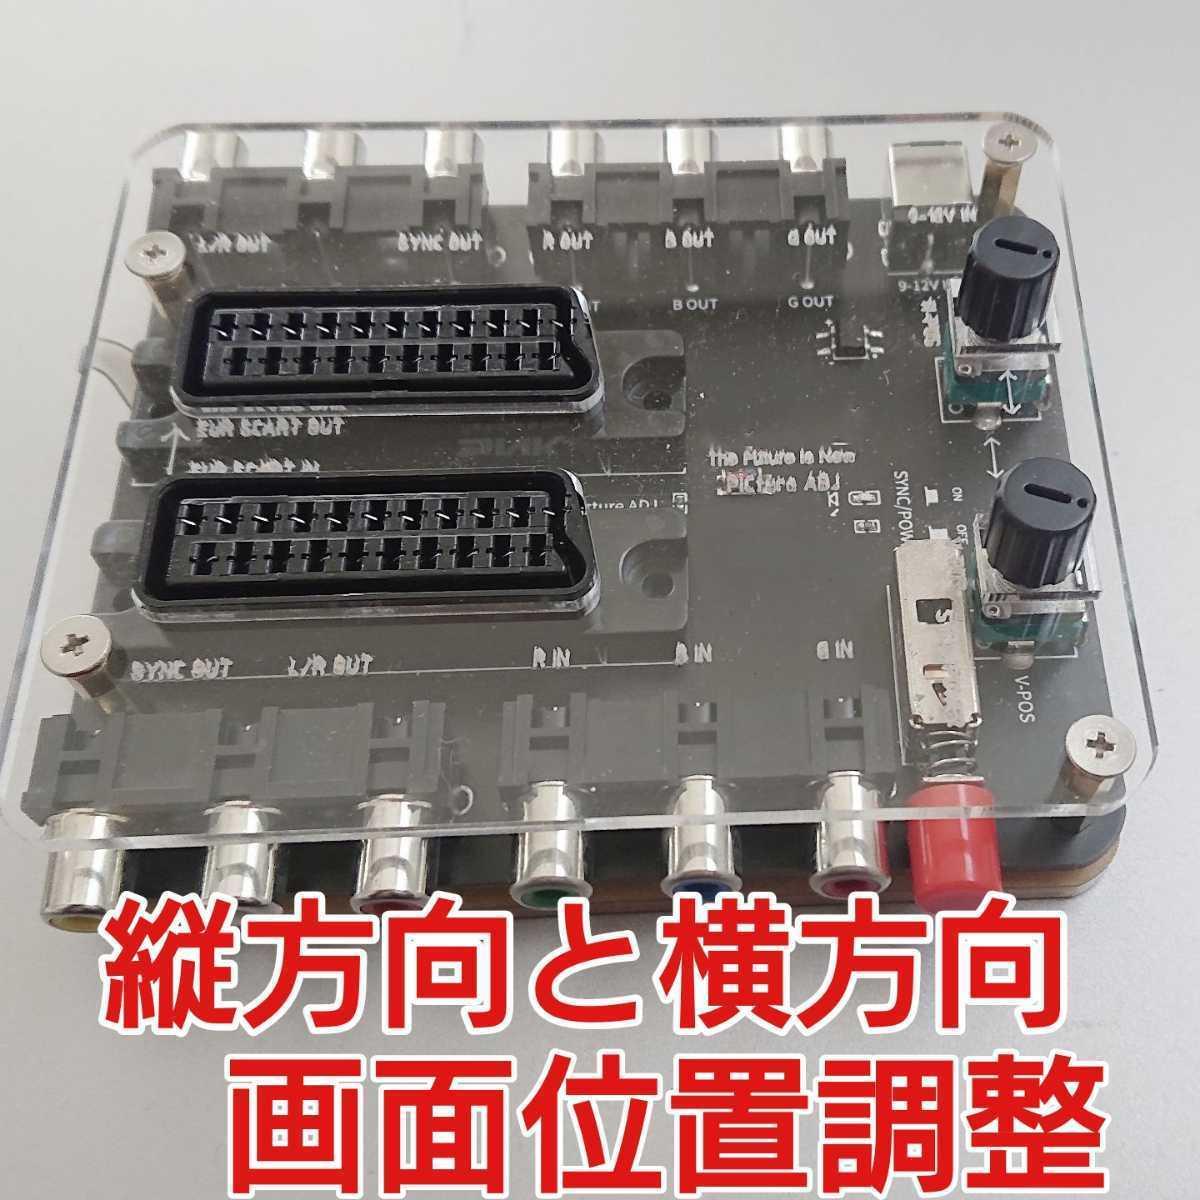 PS3対応画面位置調整基板 15khz対応 SCART規格のケーブルに対応 プレステ3プレイステーション3対応 非RGB21ピン 位置調節